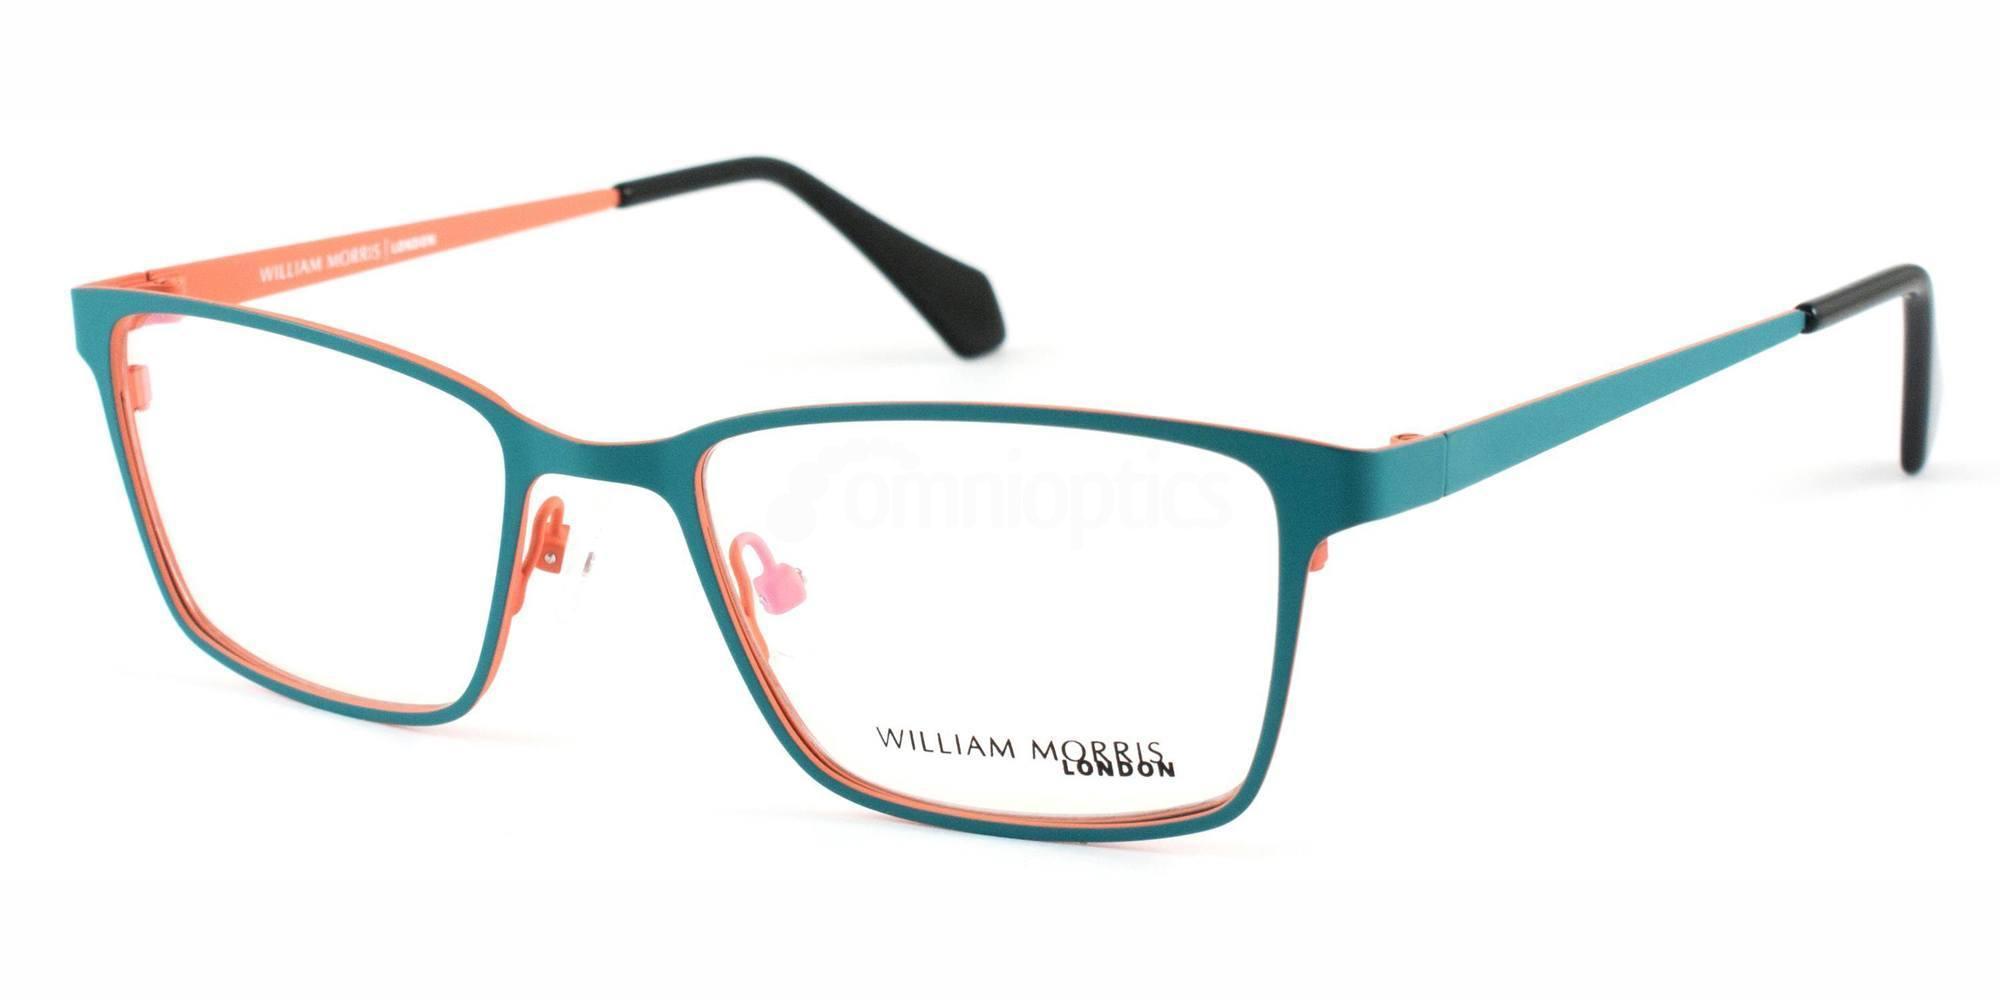 C1 WL1012 , William Morris London